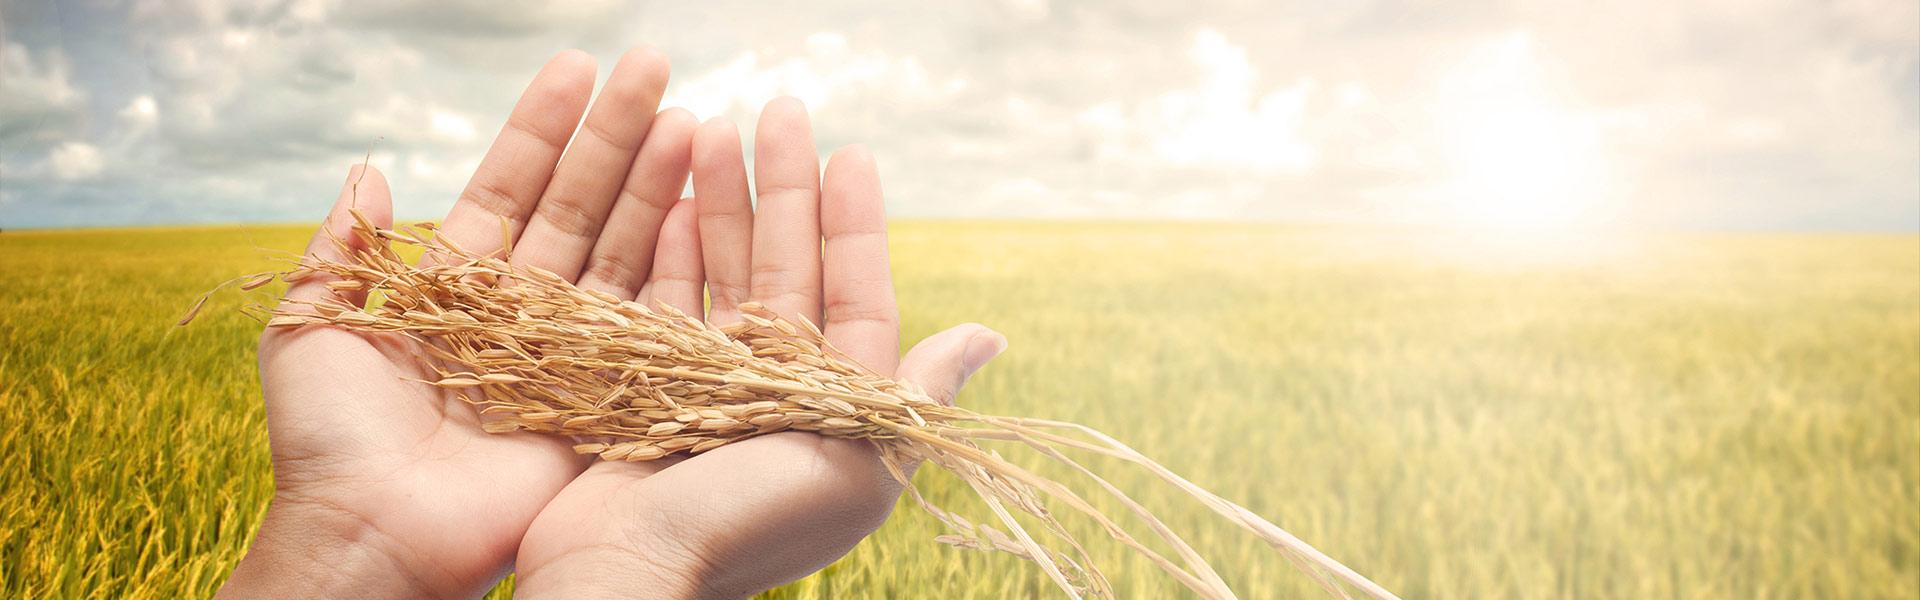 Riso-jolanda-Produzione-vendita-riso-carnaroli-arborio-vialone-integrale-farina-di-riso-semola-di-riso3